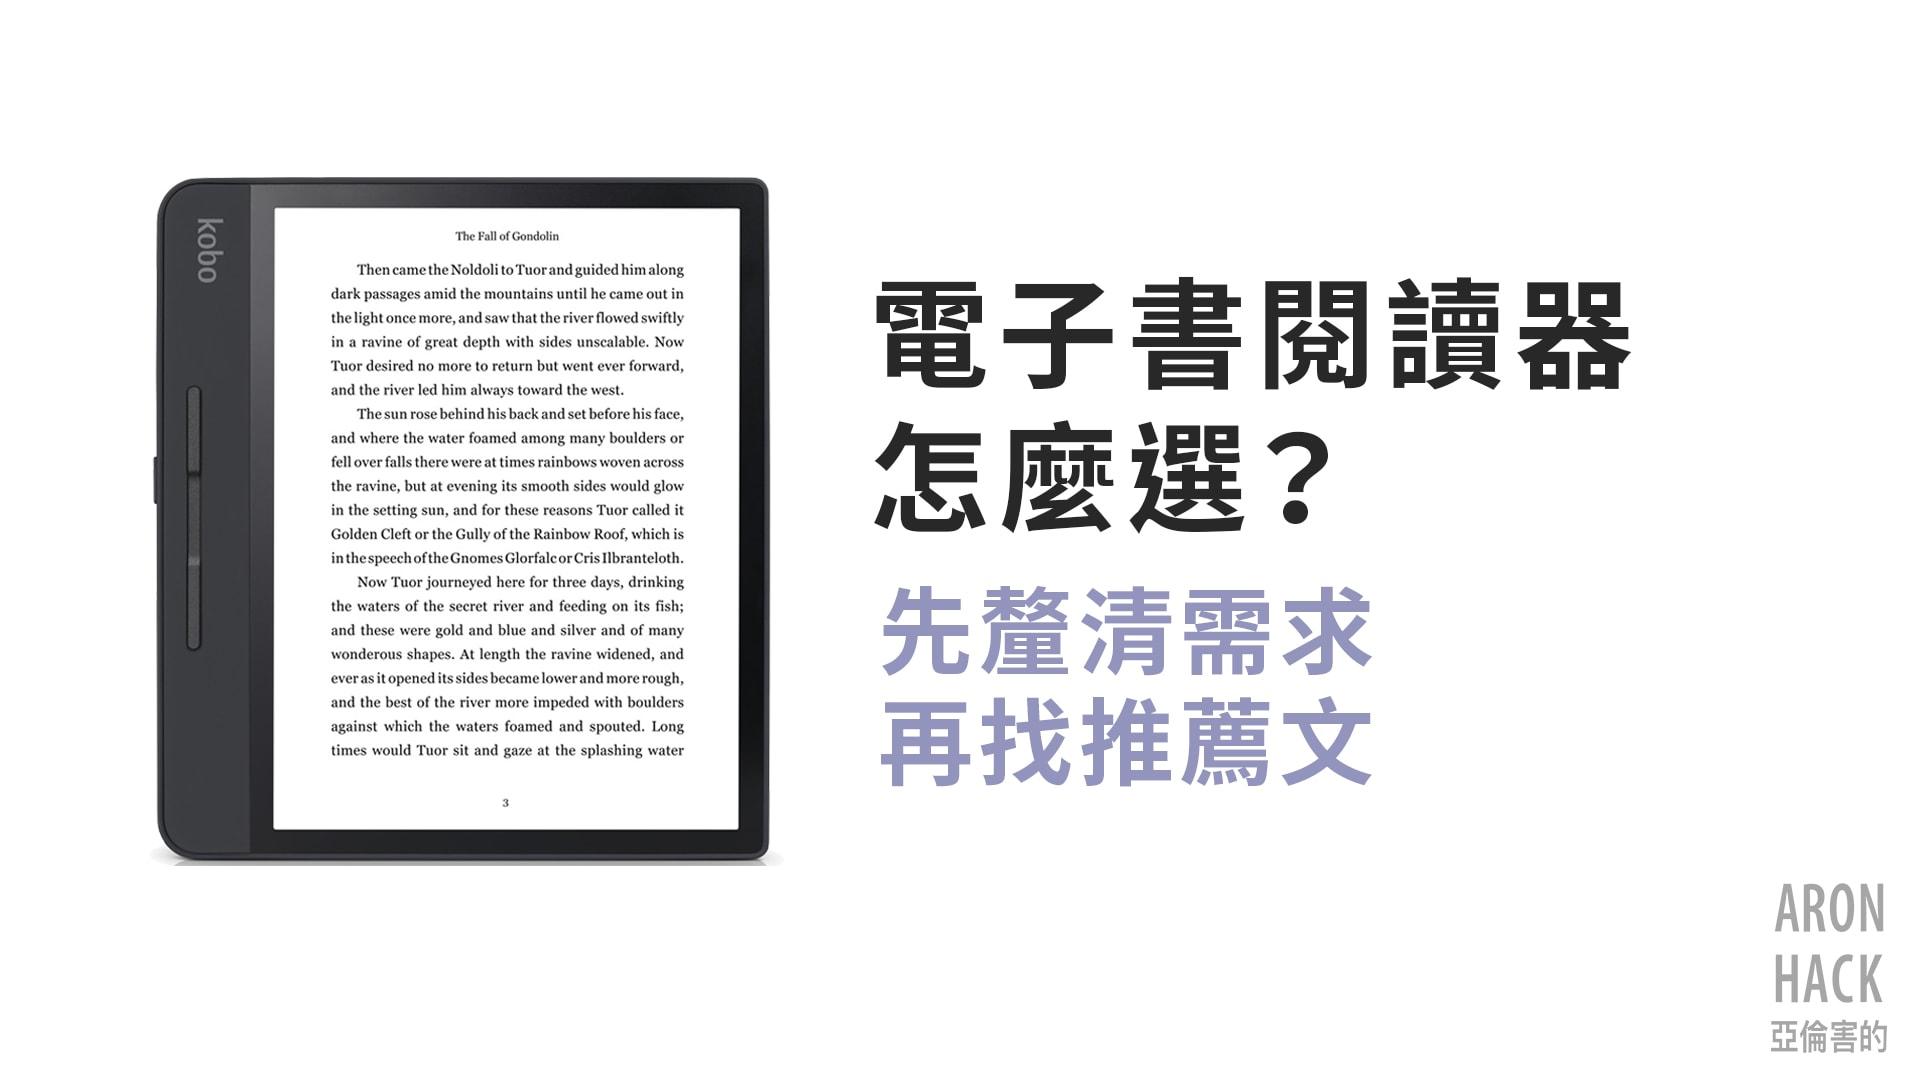 電子書閱讀器怎麼選?先釐清需求,再找推薦文